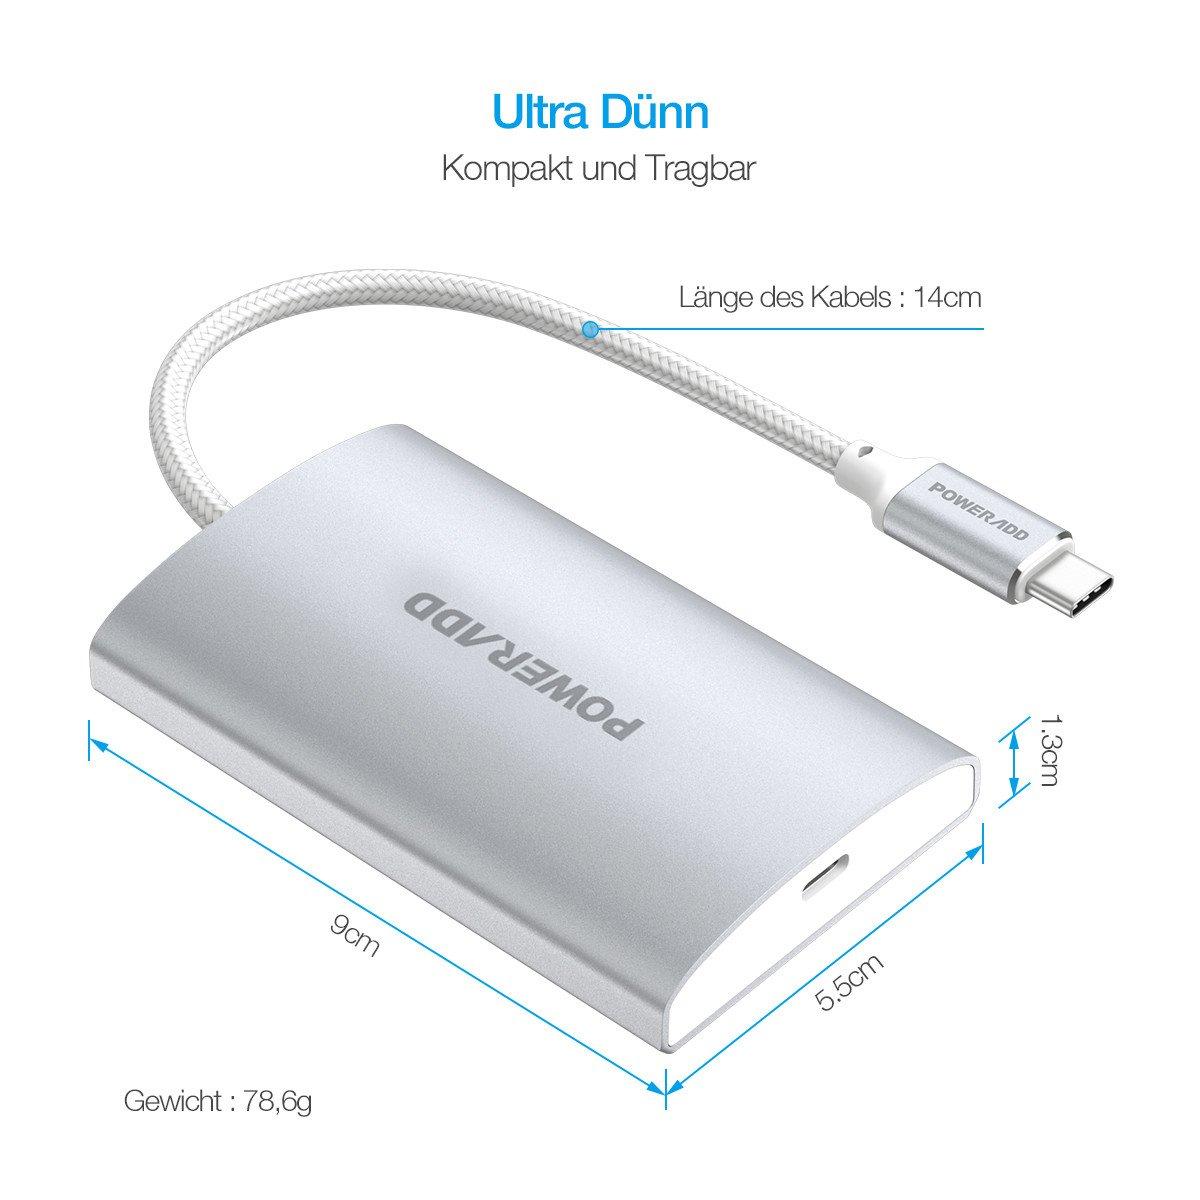 POWERADD Type C Hub USB 3.0 Super Speed Datengeschwindigkeit, für MacBook, Phones, USB Flash Drive,PC (3ports) mit PD